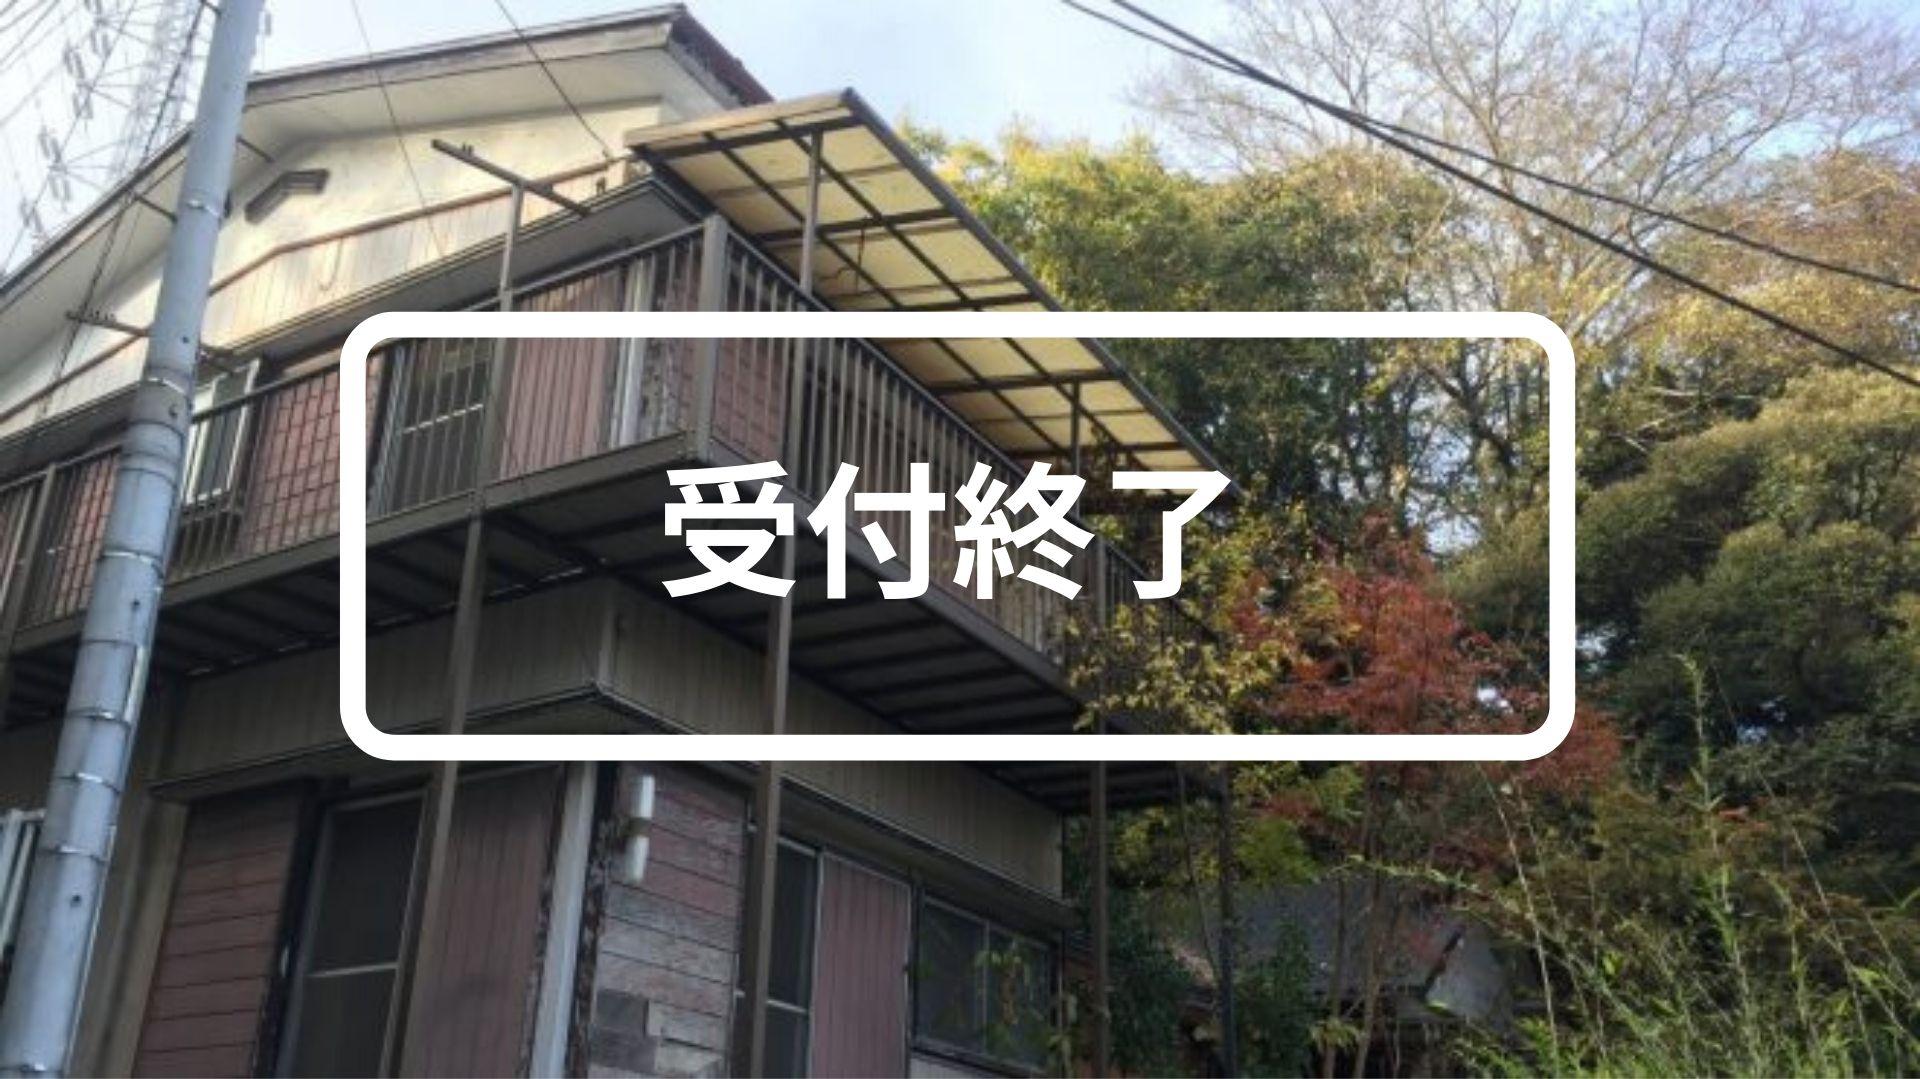 たうら0円ハウス